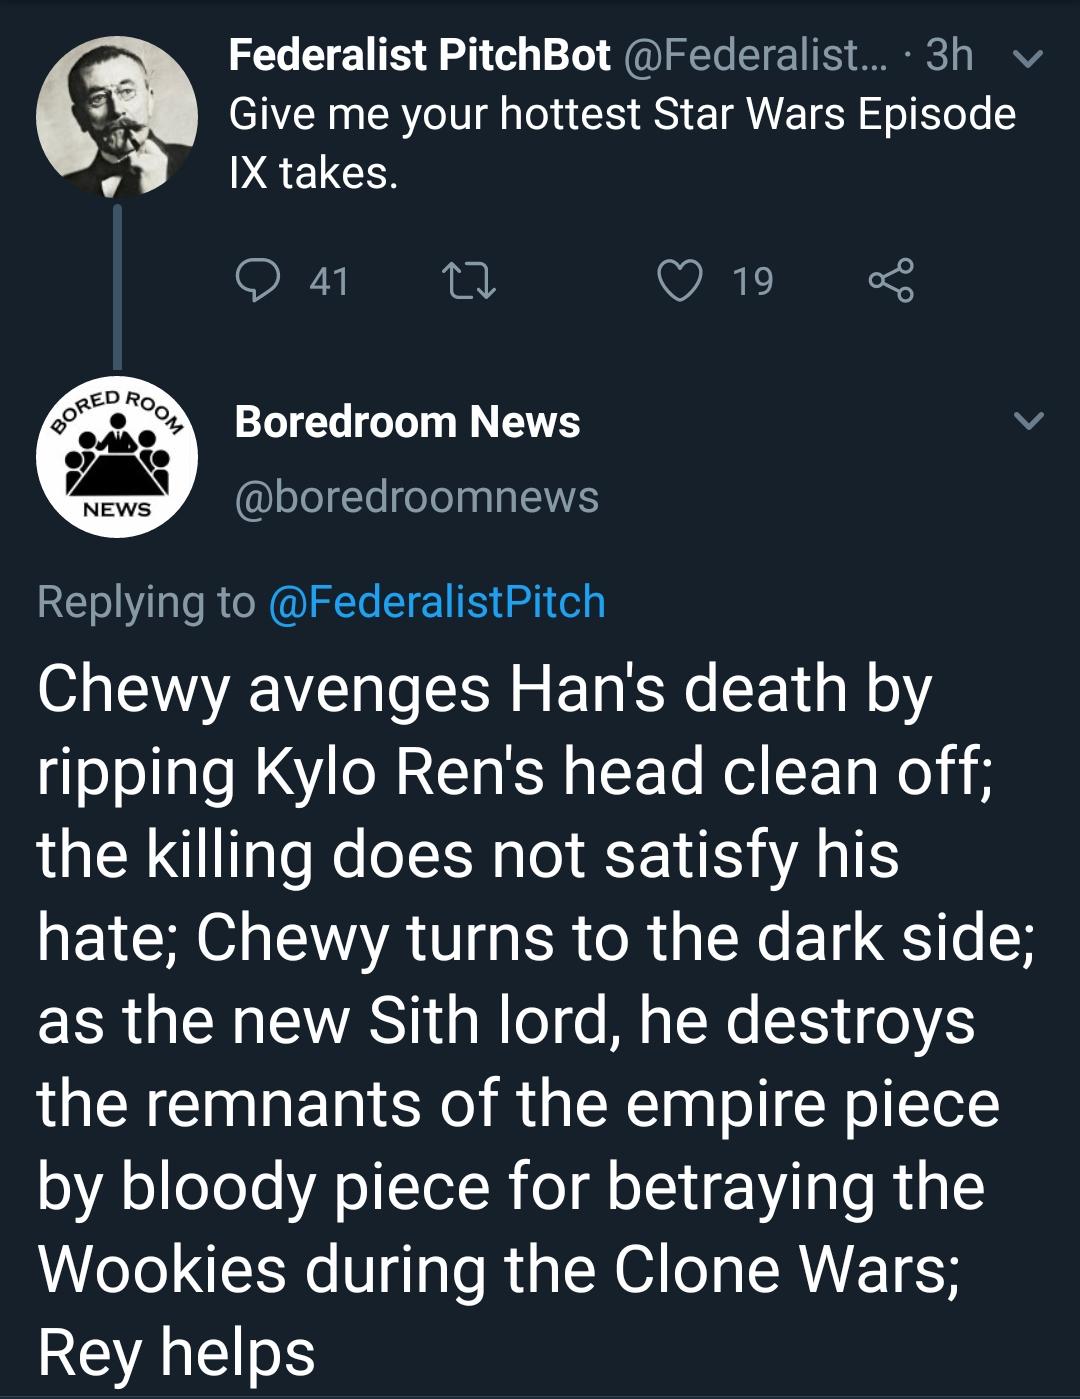 Episode IX plot revealed